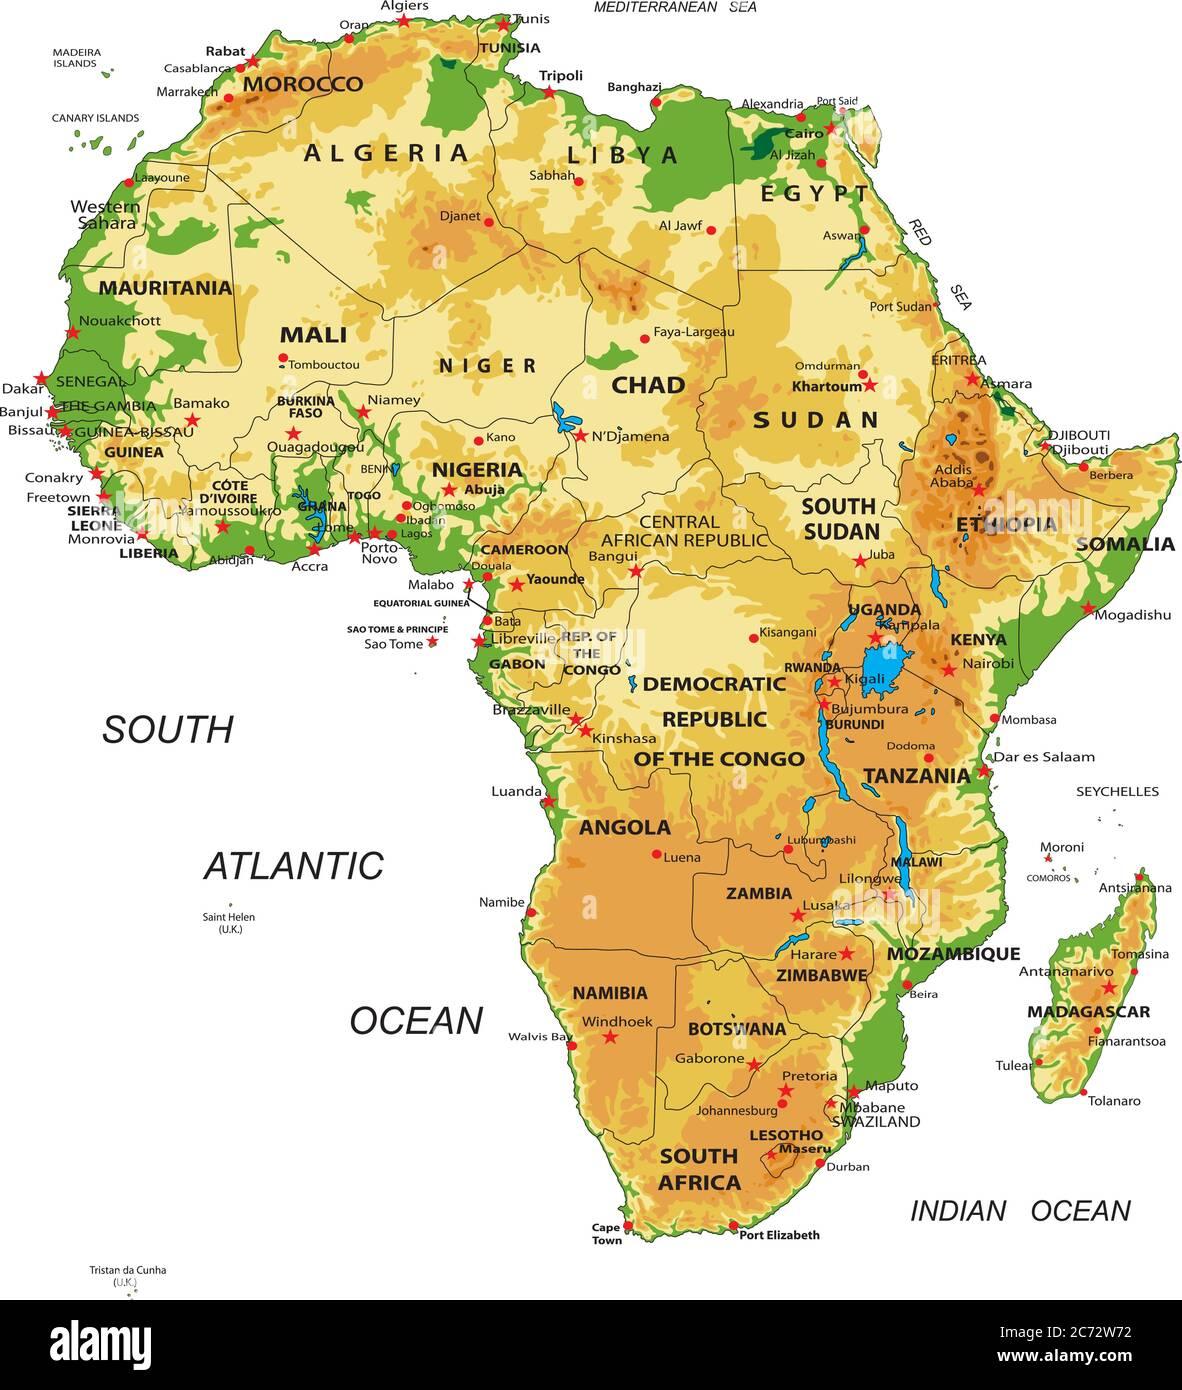 Cartina Dell Africa Fisica E Politica.East Africa Map Illustration Tanzania Immagini E Fotos Stock Alamy